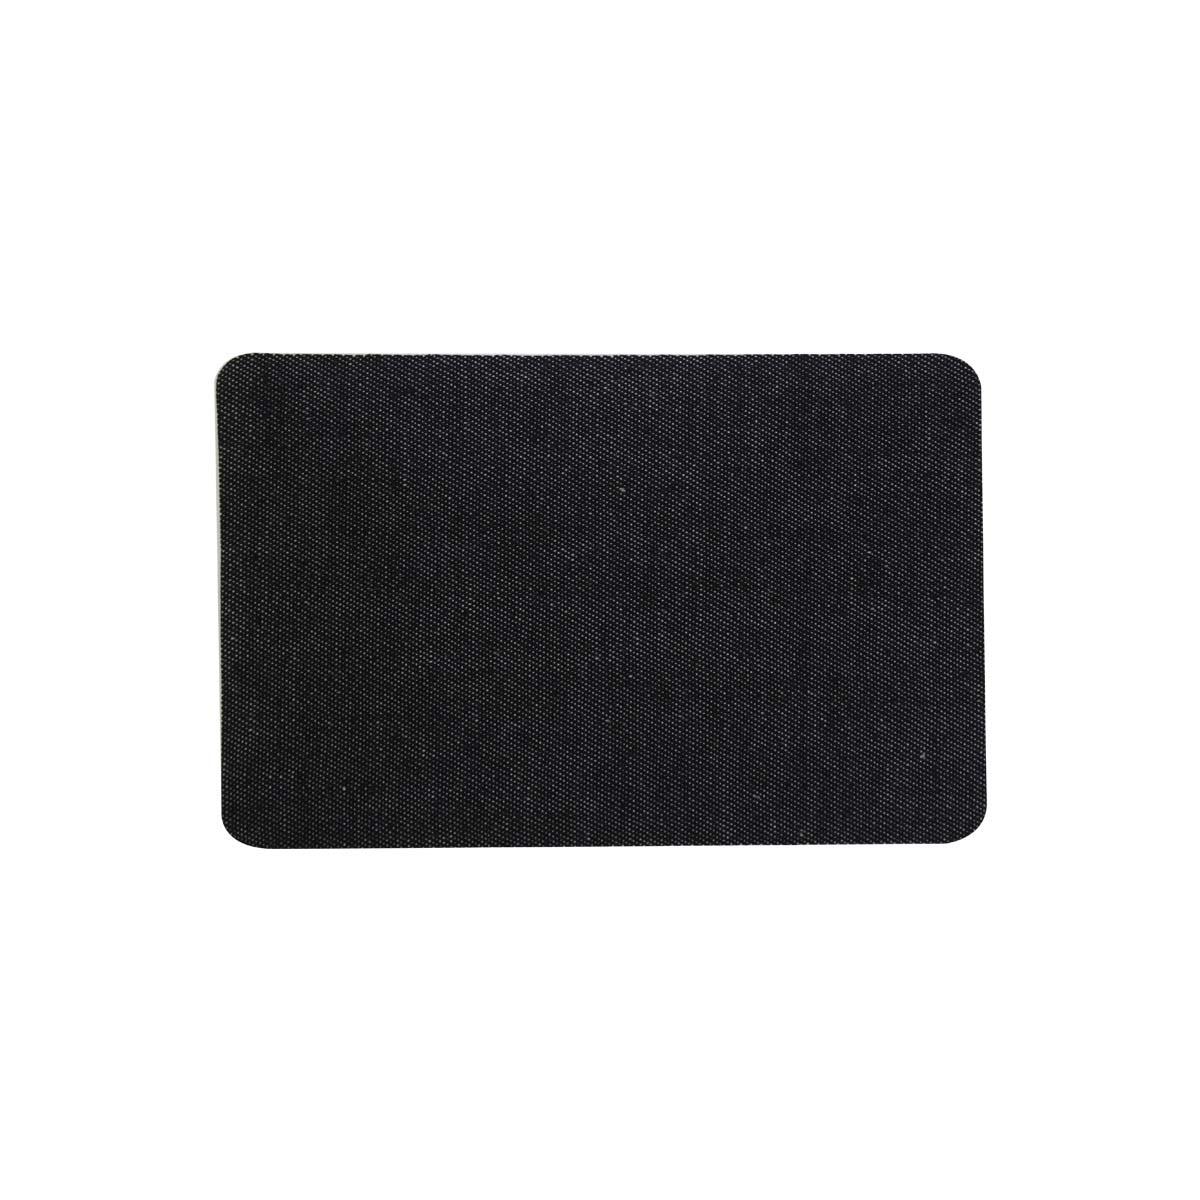 Термозаплатки джинсовые, чёрный, 2 шт. 810216, Hobby&Pro